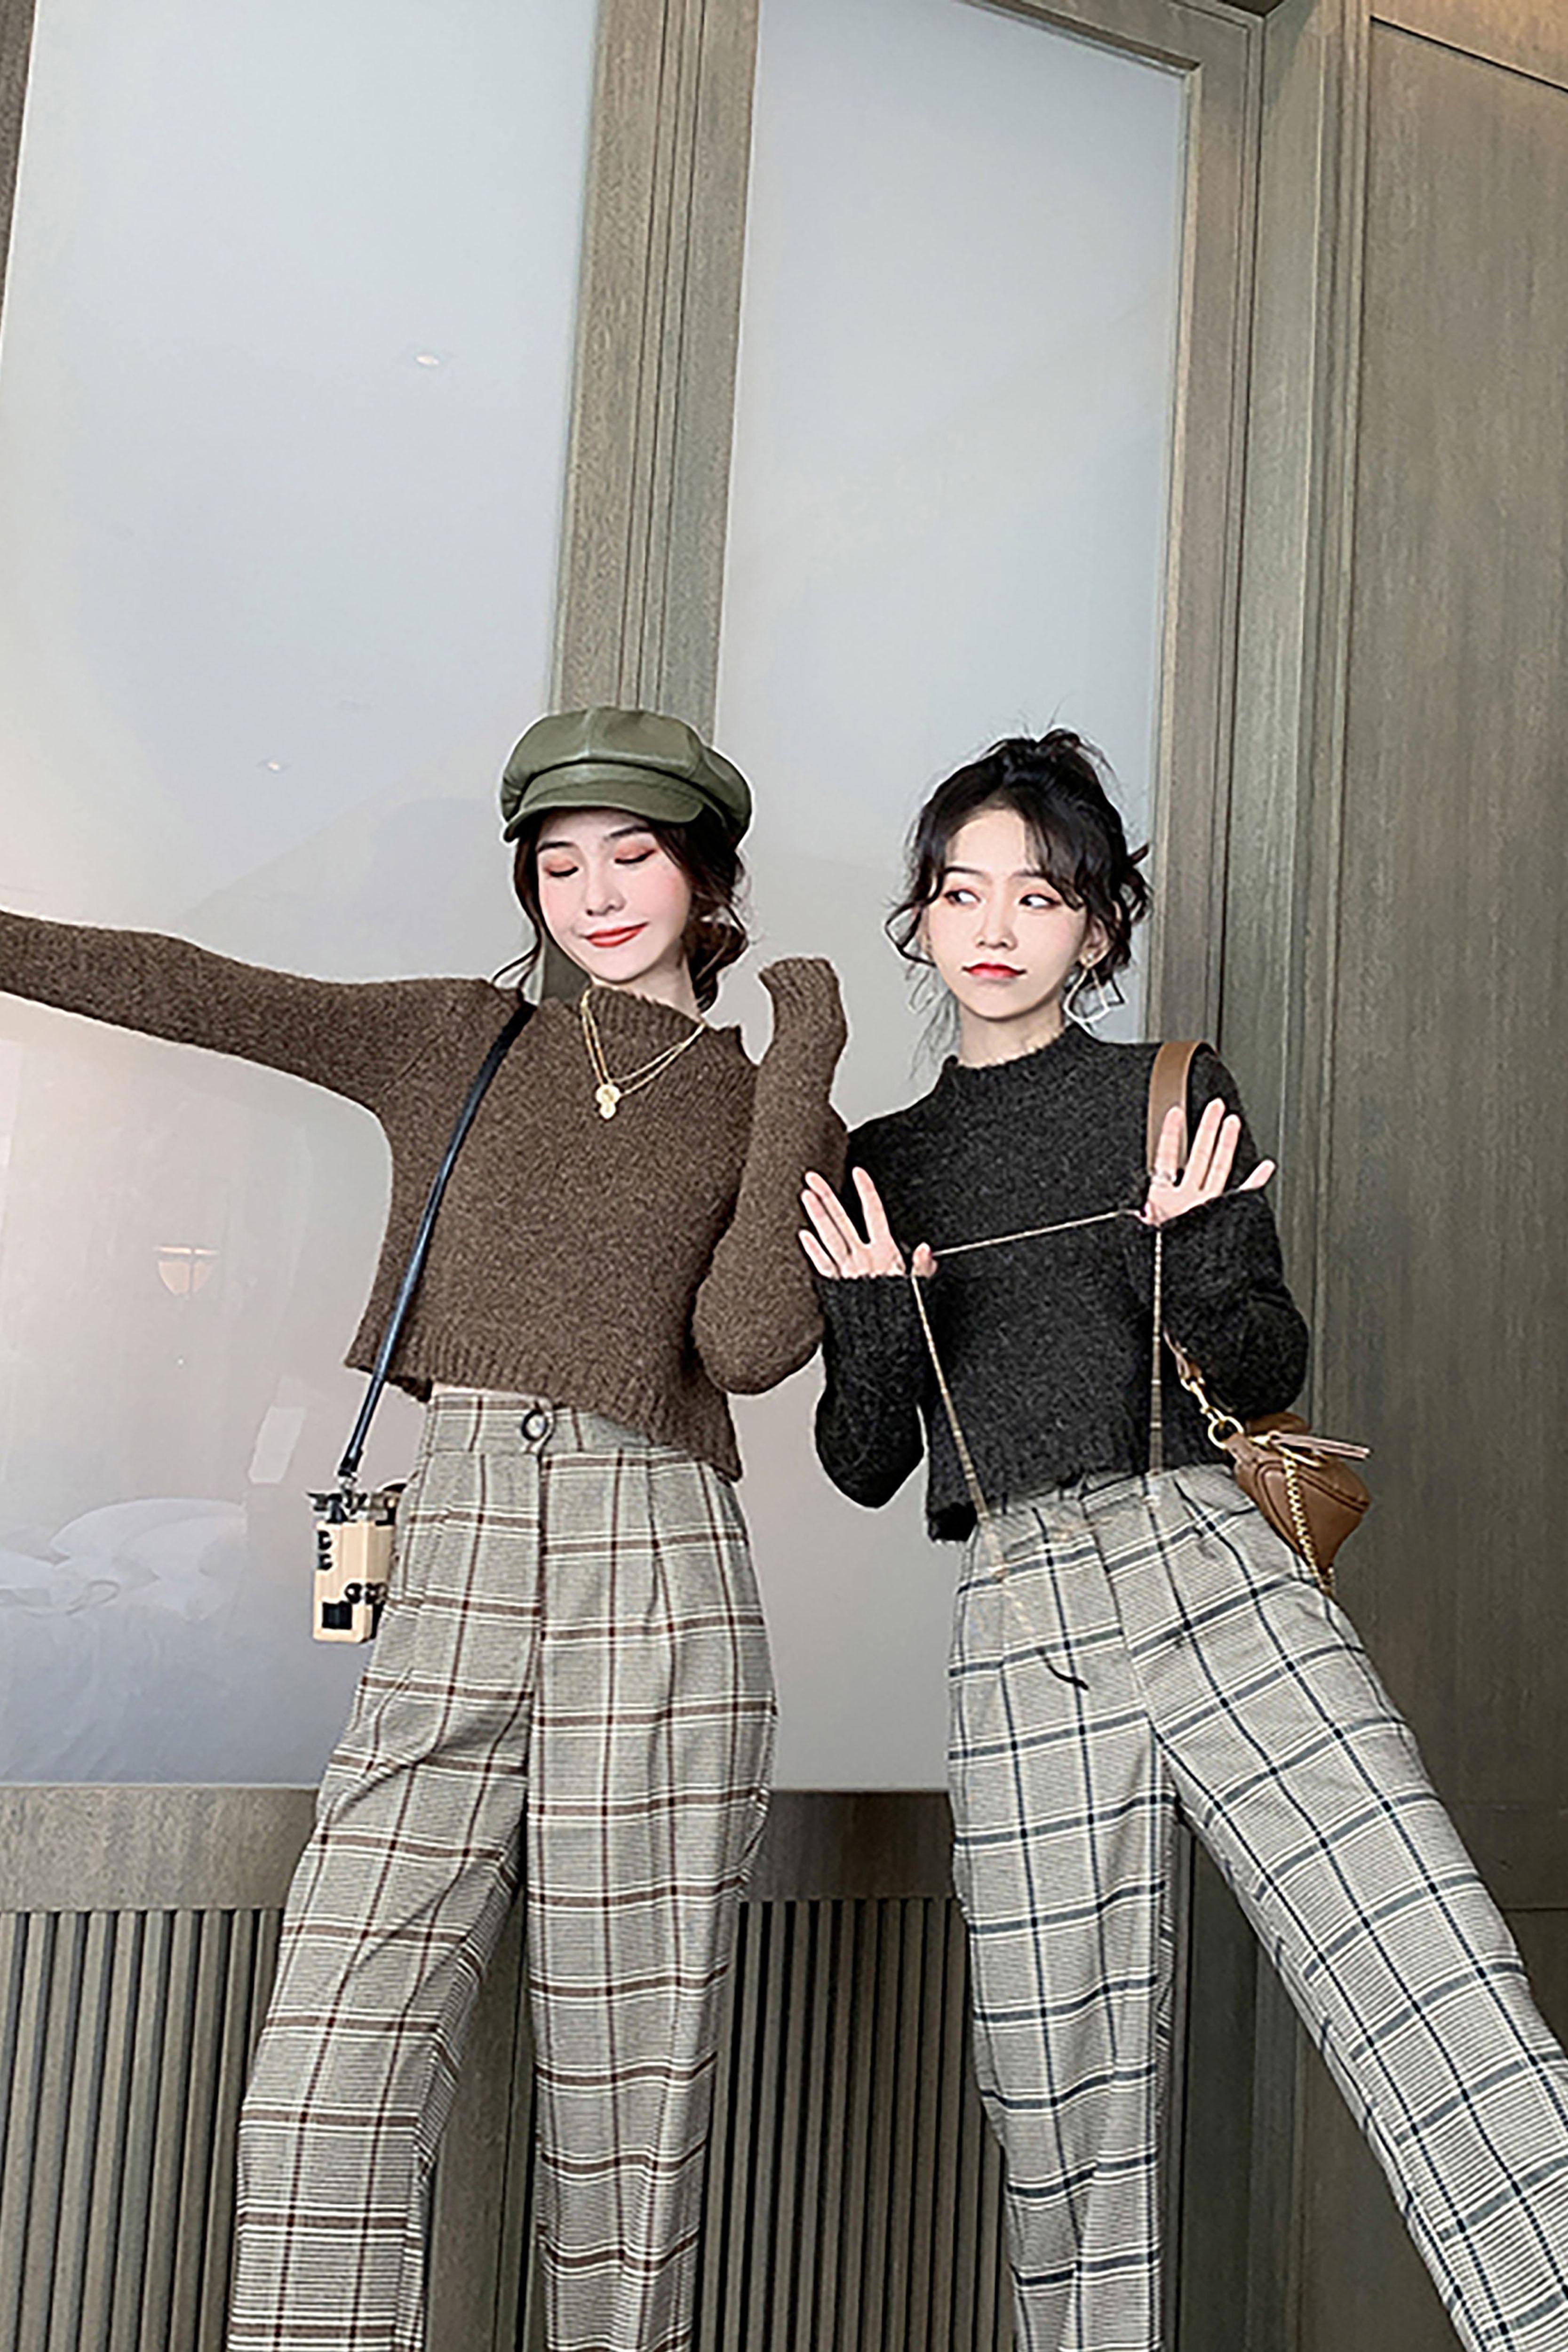 秋季新款英伦风气质洋气时尚修身显瘦针织毛衣女百搭短款长袖上衣